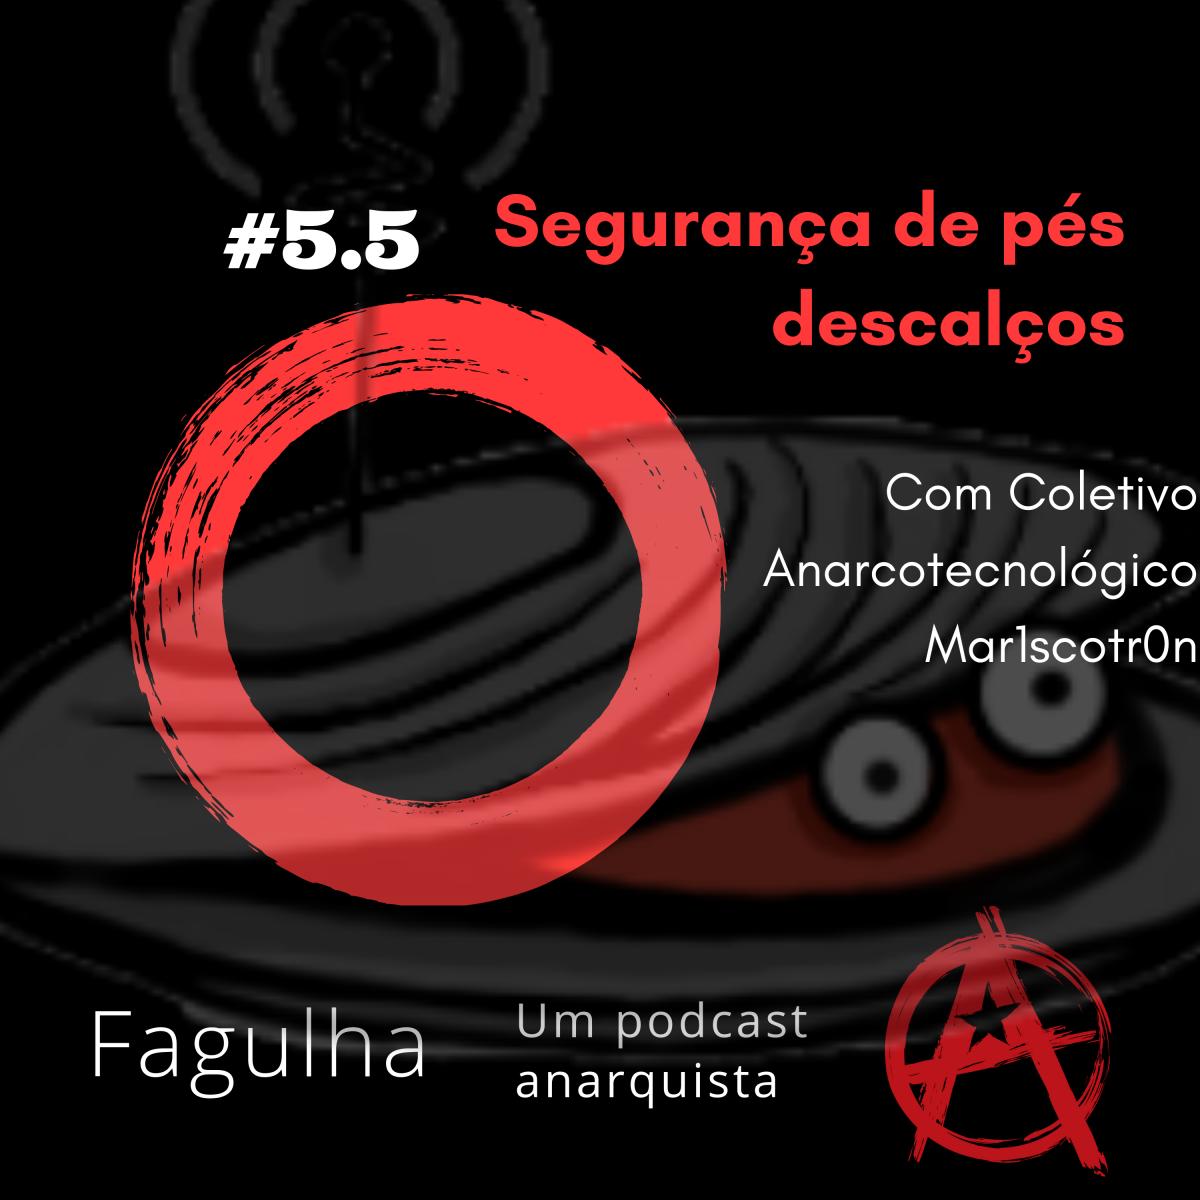 #5½: Segurança de pés descalços, com Coletivo Anarcotecnológico Mar1scotr0n